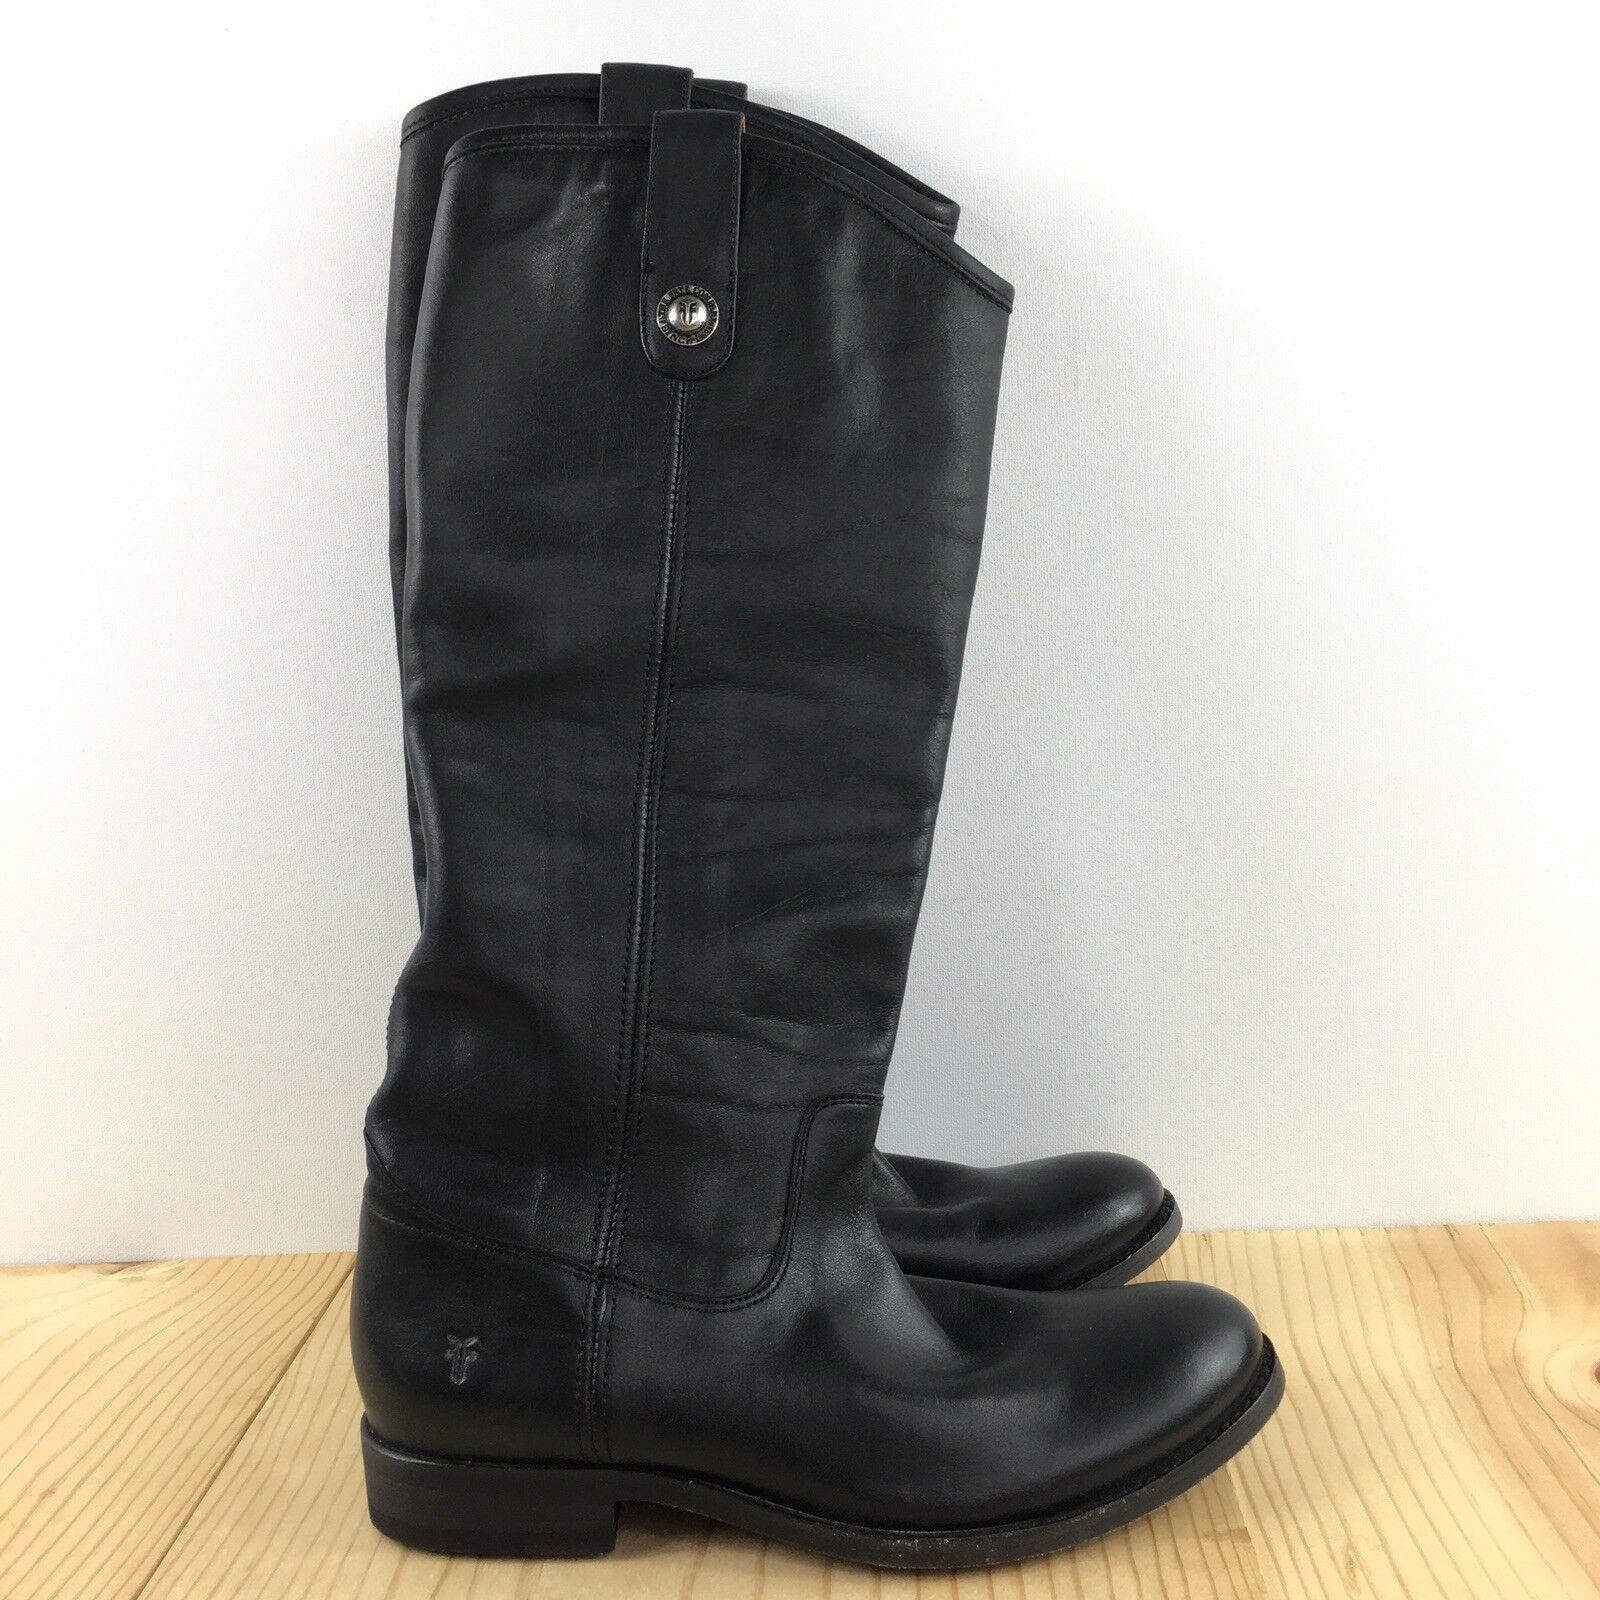 per poco costoso Frye Melissa Button Tall Dimensione 6 B donna stivali stivali stivali nero  MSRP  368  prezzi equi